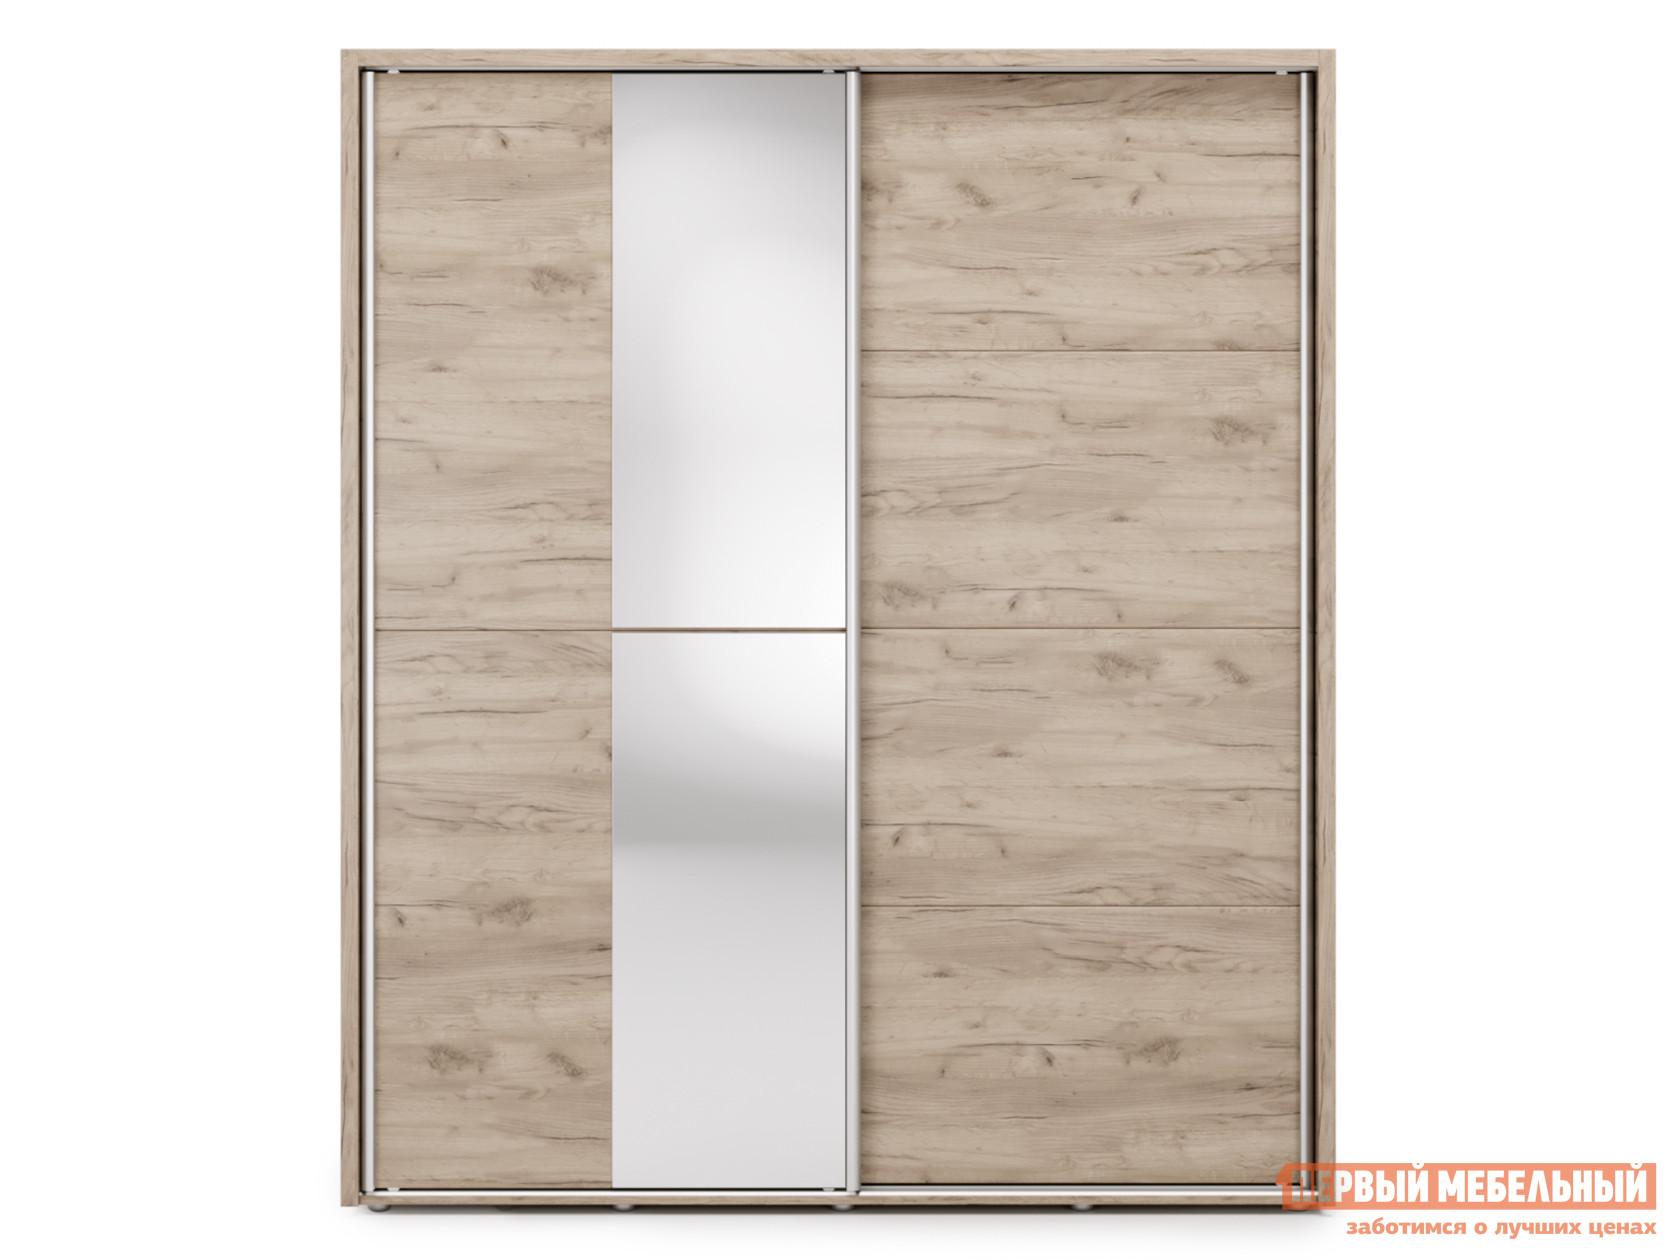 Шкаф-купе с зеркалом Первый Мебельный Огайо с зеркалом 180